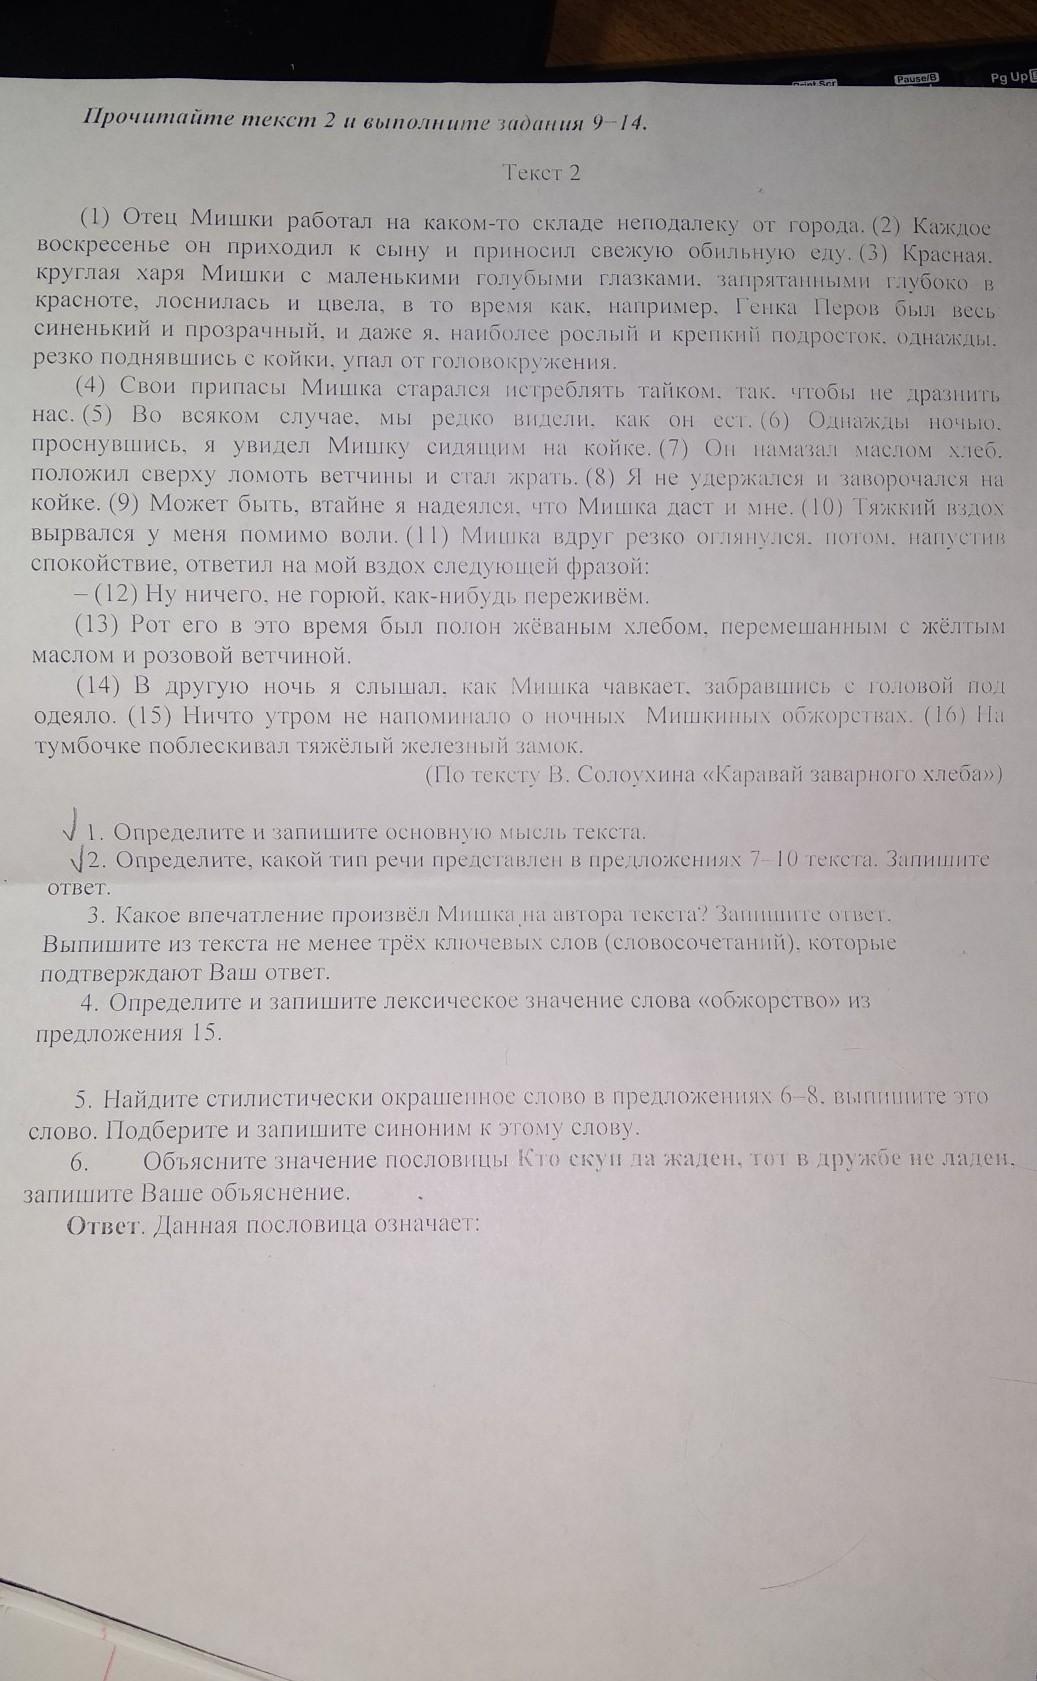 Помогите пожалуйста!!! Только номер 1 и 2